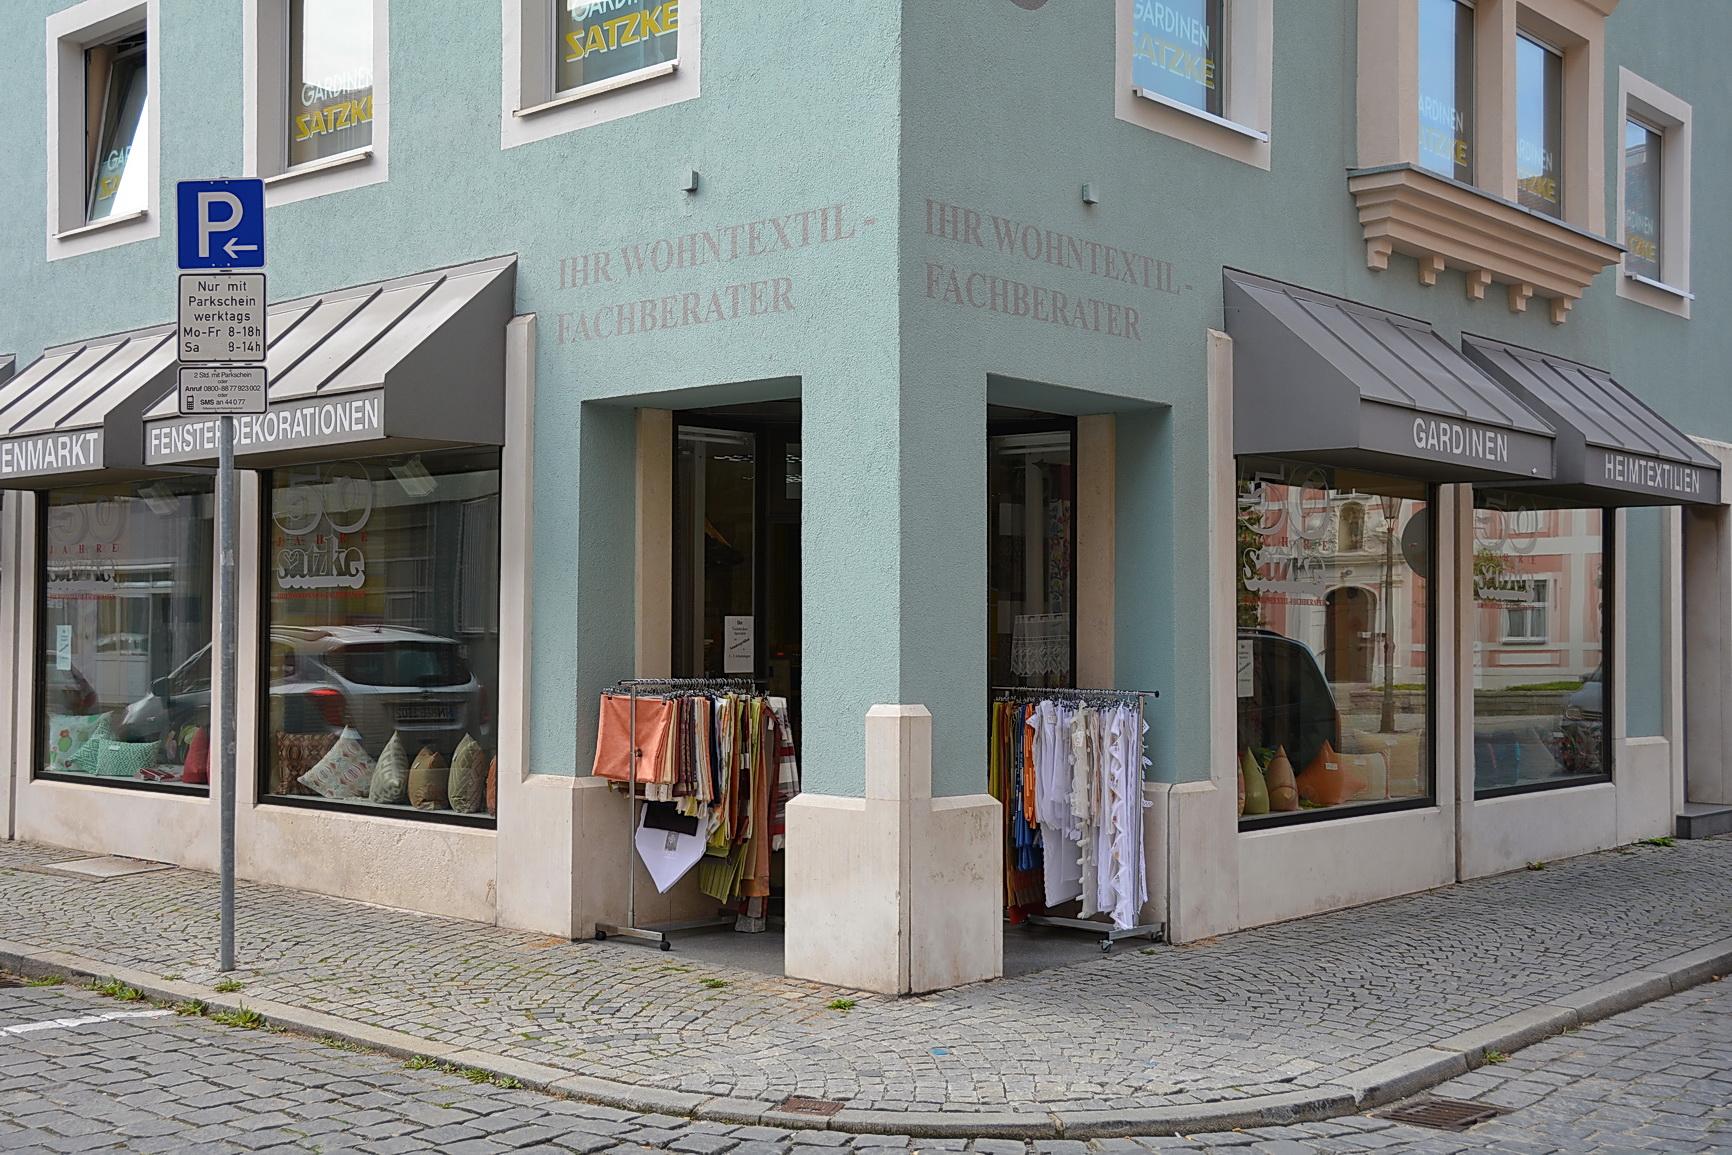 Satzke GmbH Gardinen   Einkaufsstadt Neumarkt